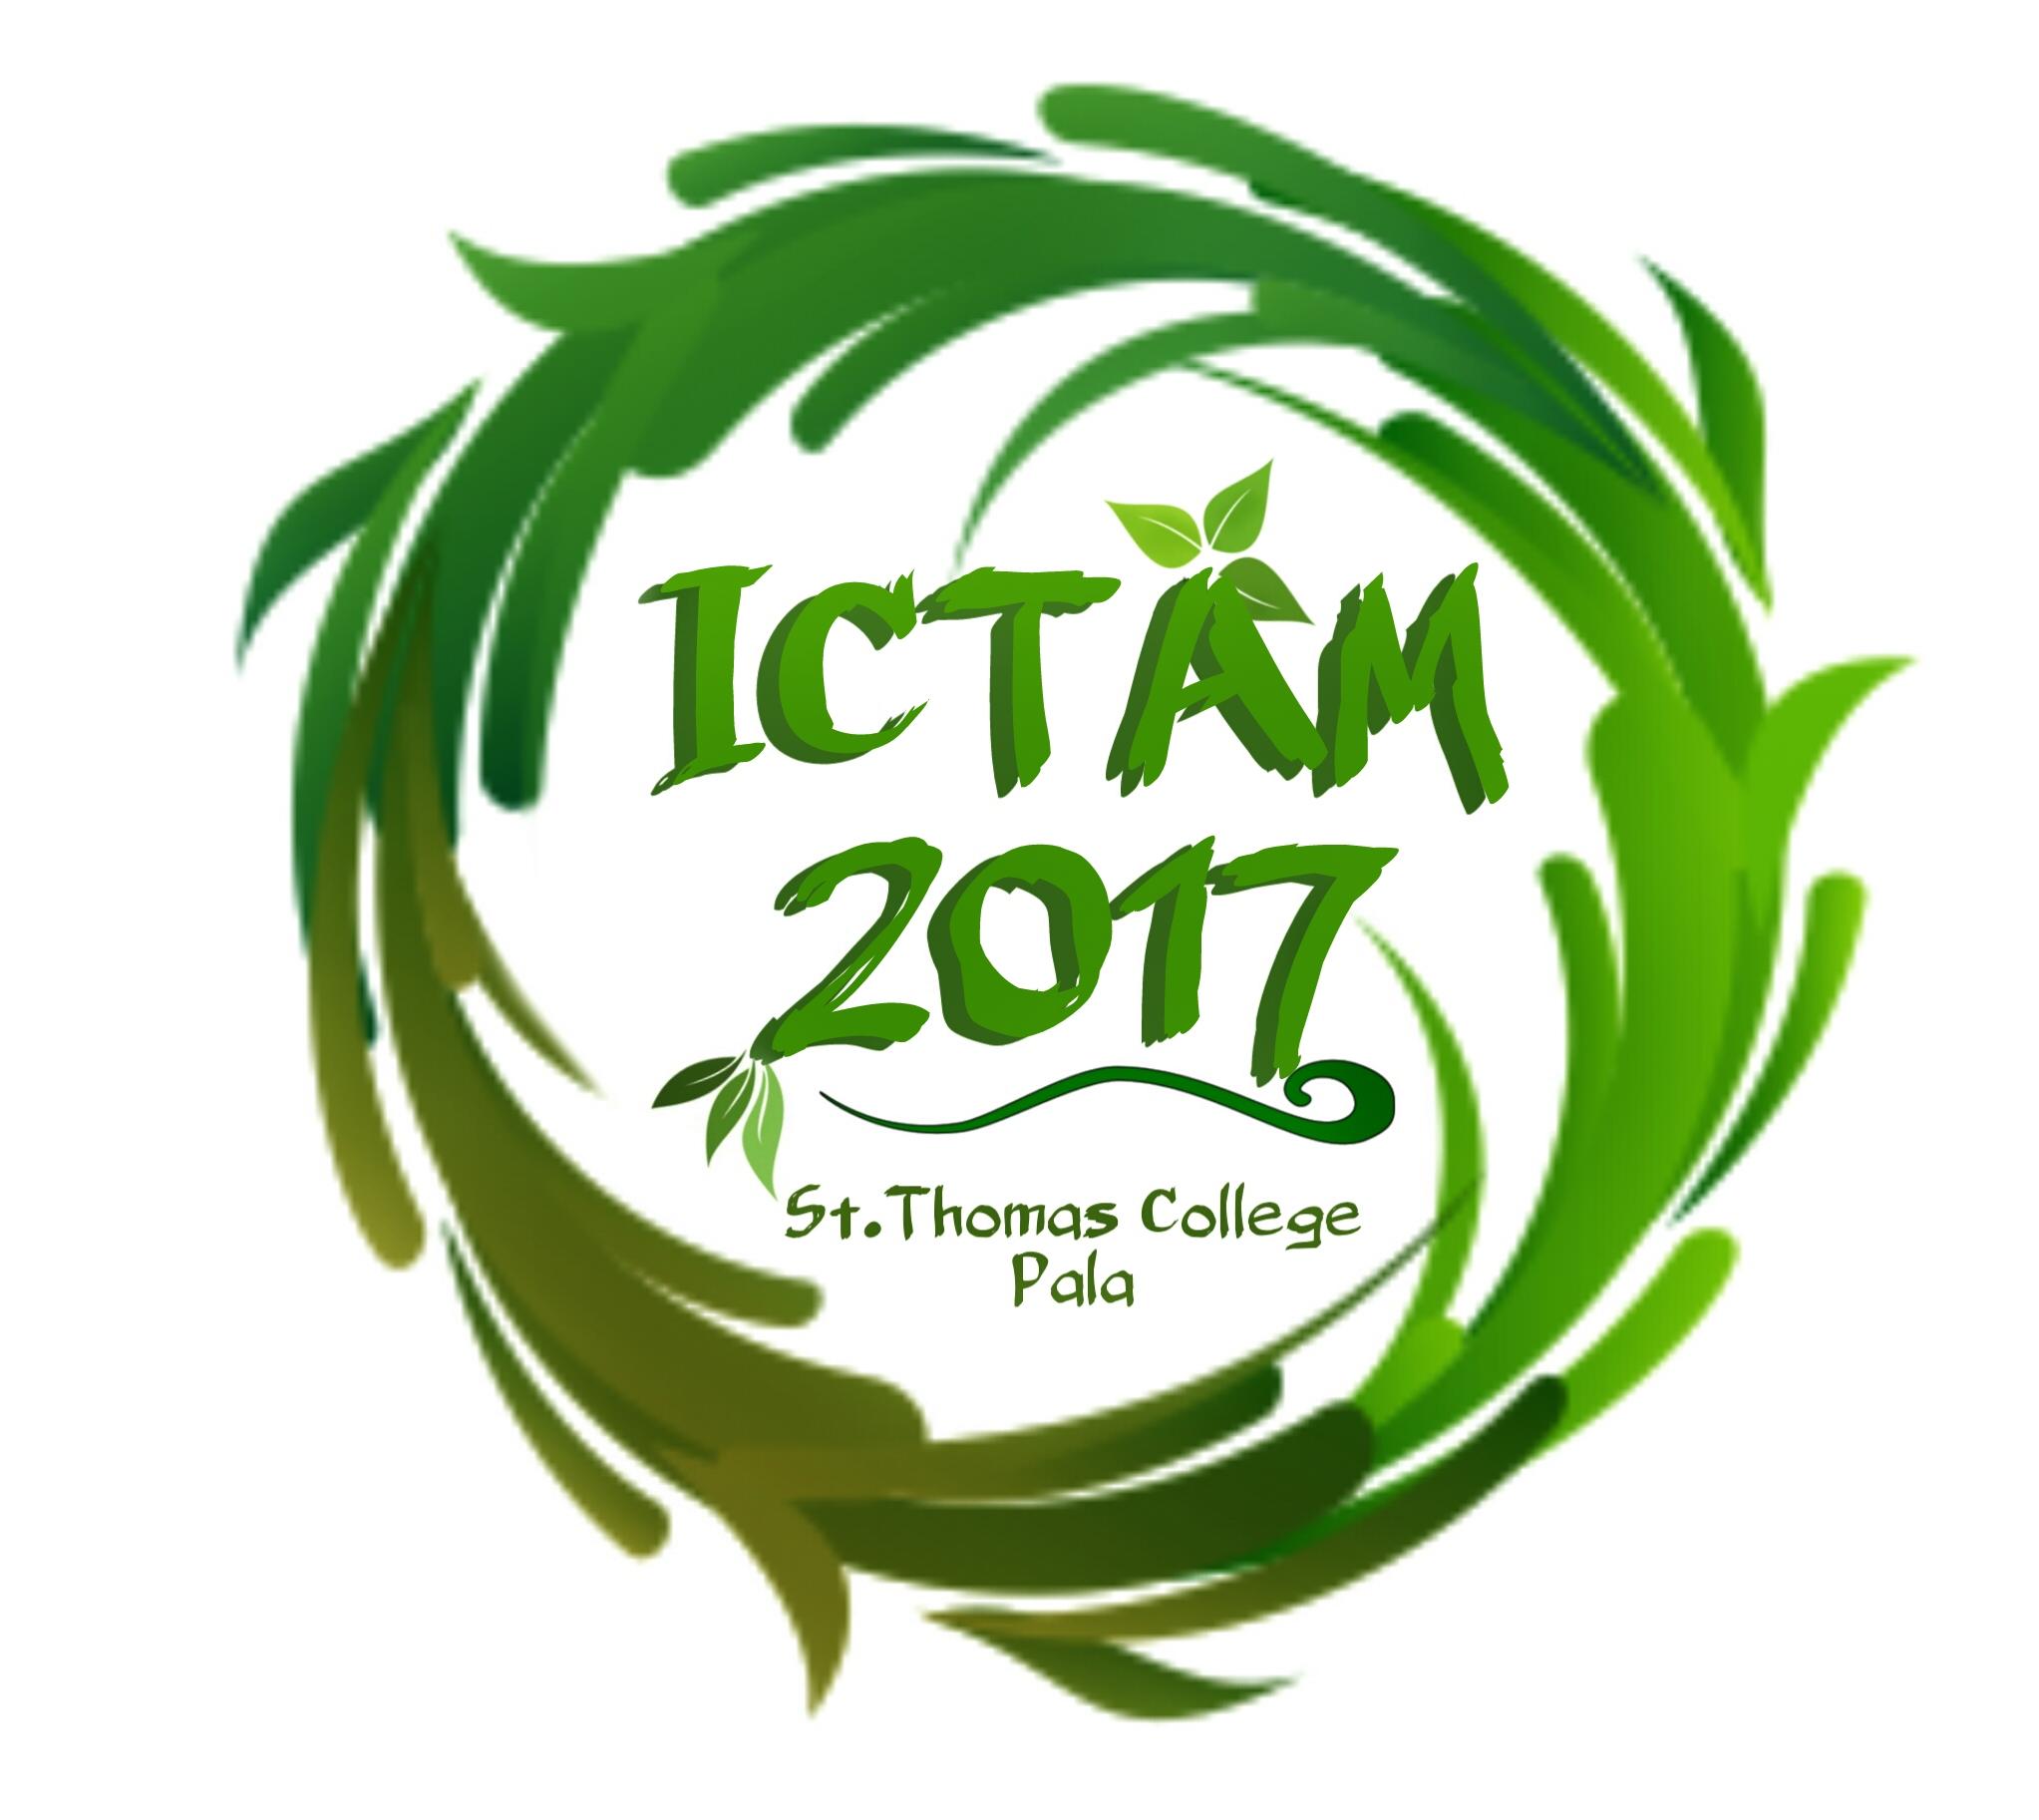 ICTAM 2017